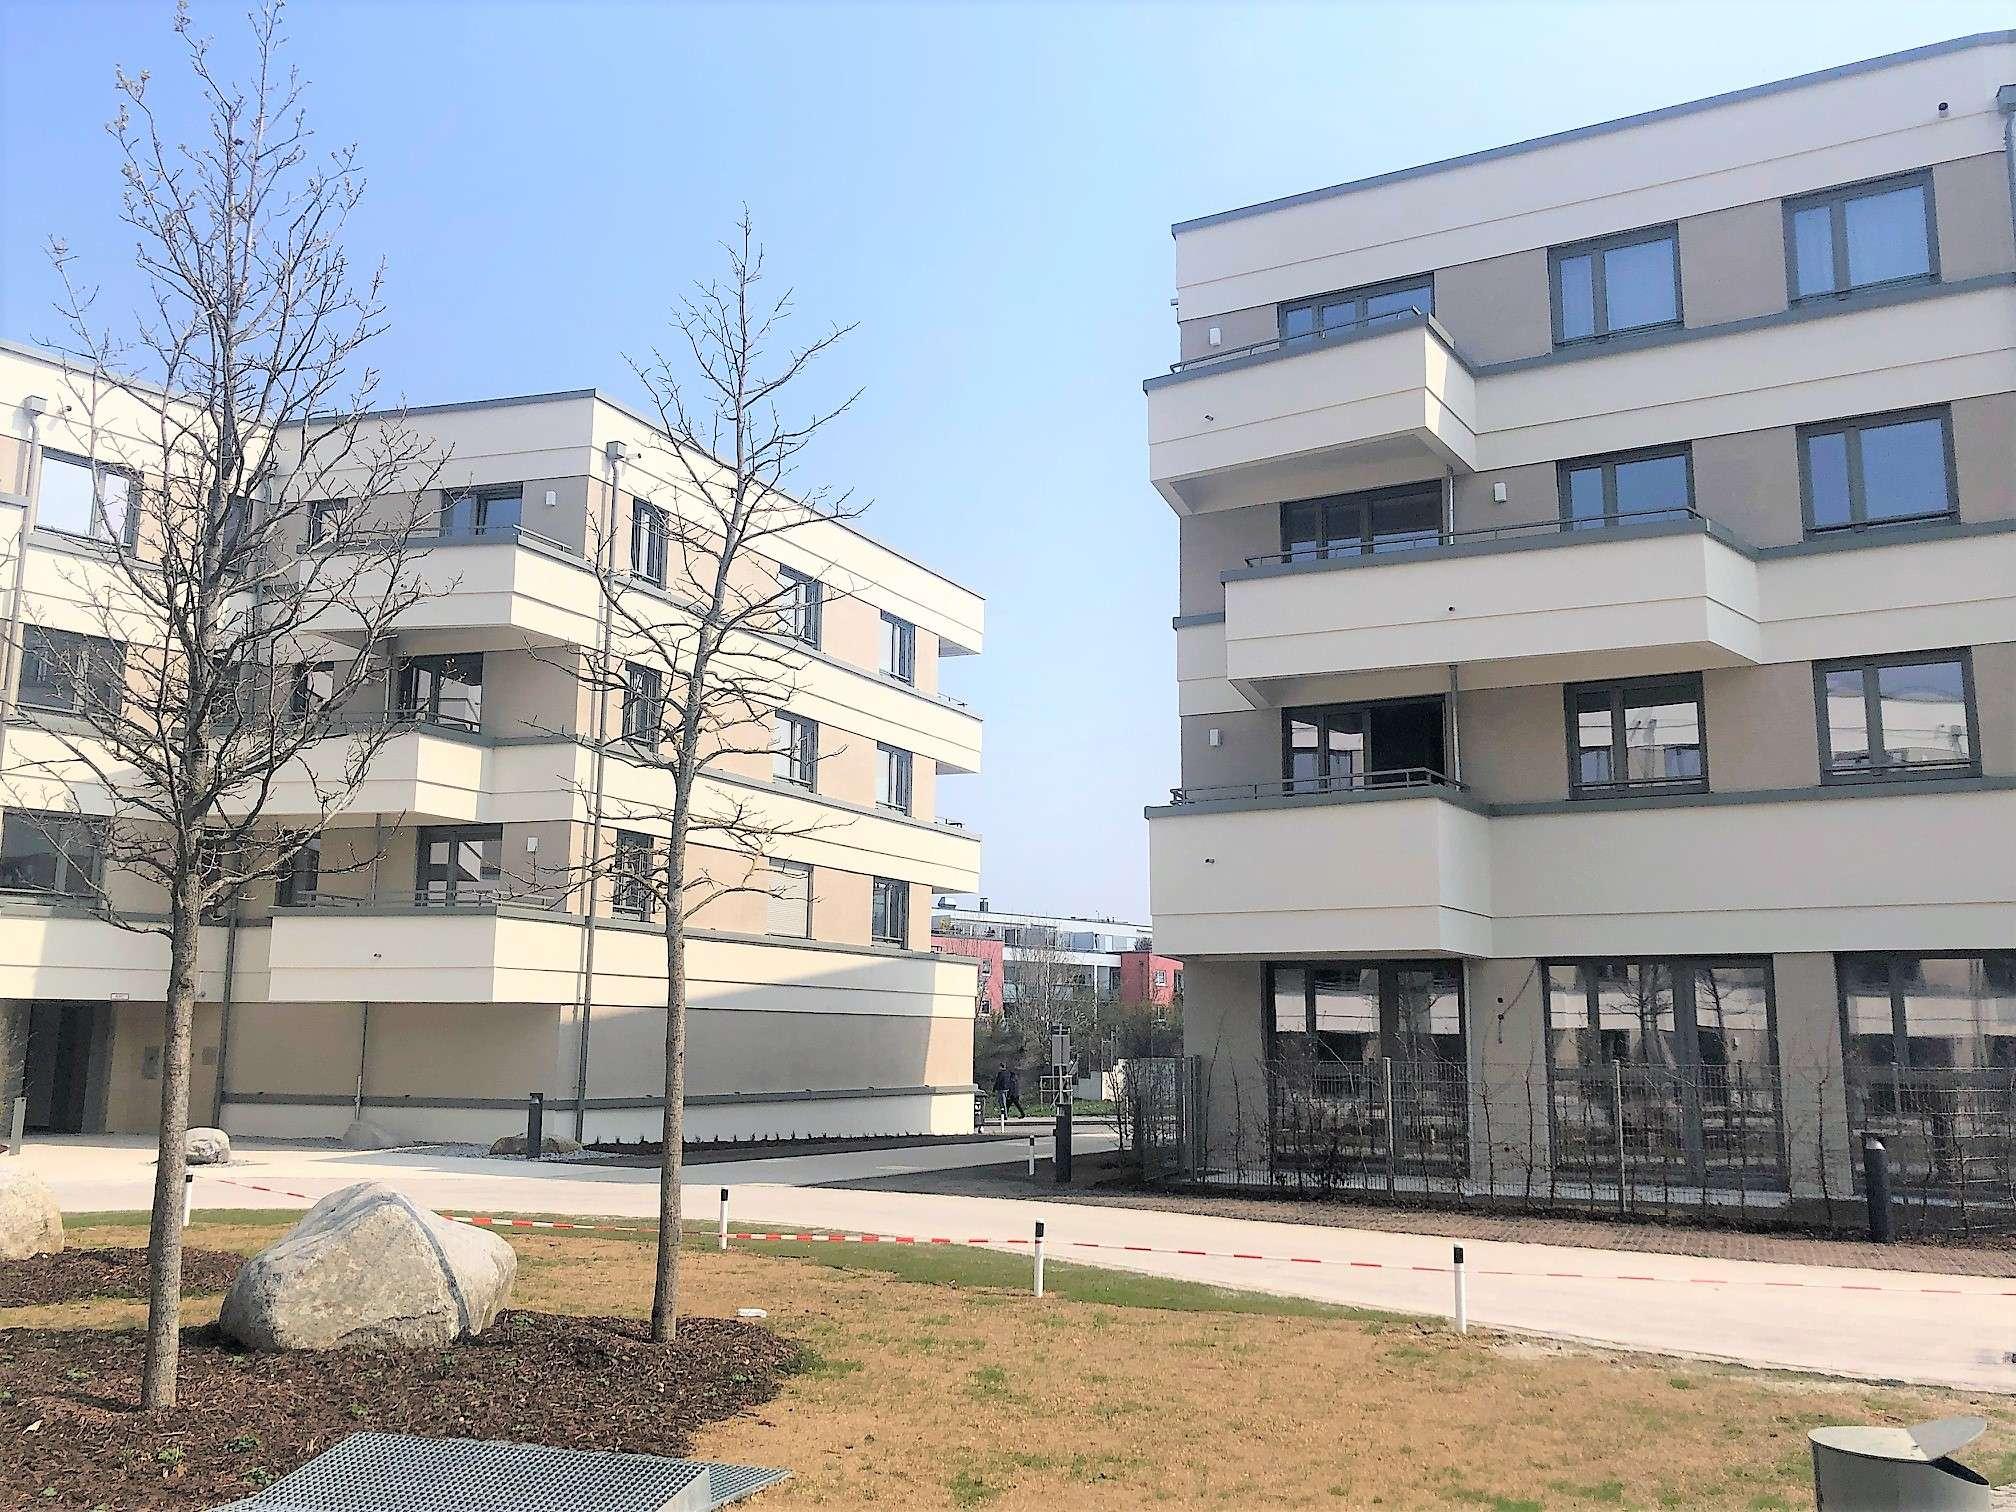 Erstbezug! Charmante 3 Zimmer Neubauwohnung mit Ost-Balkon + Einbauküche,  S-Bahn Nähe